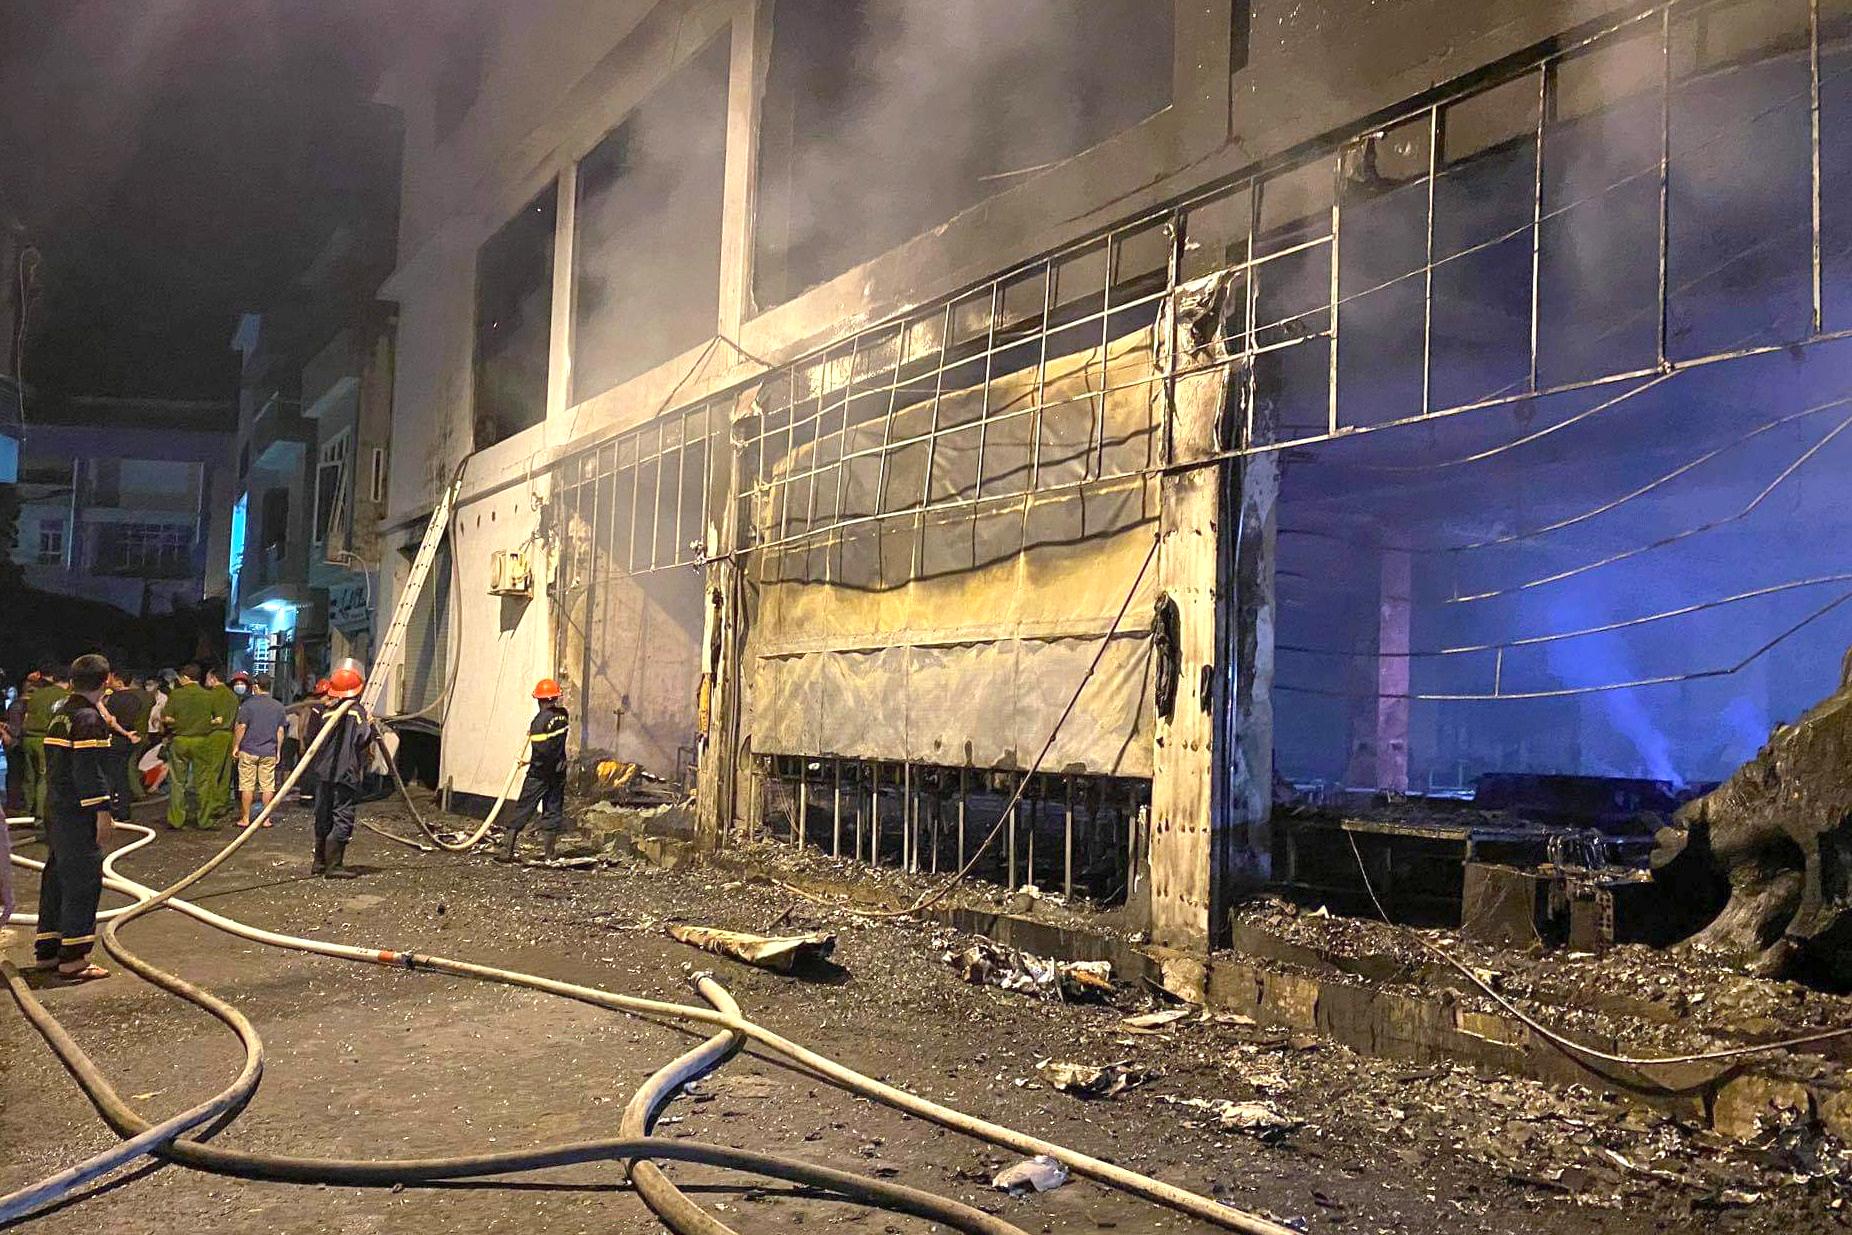 Nhiều lực lượng được huy động tới hiện trường chữa cháy trong đêm